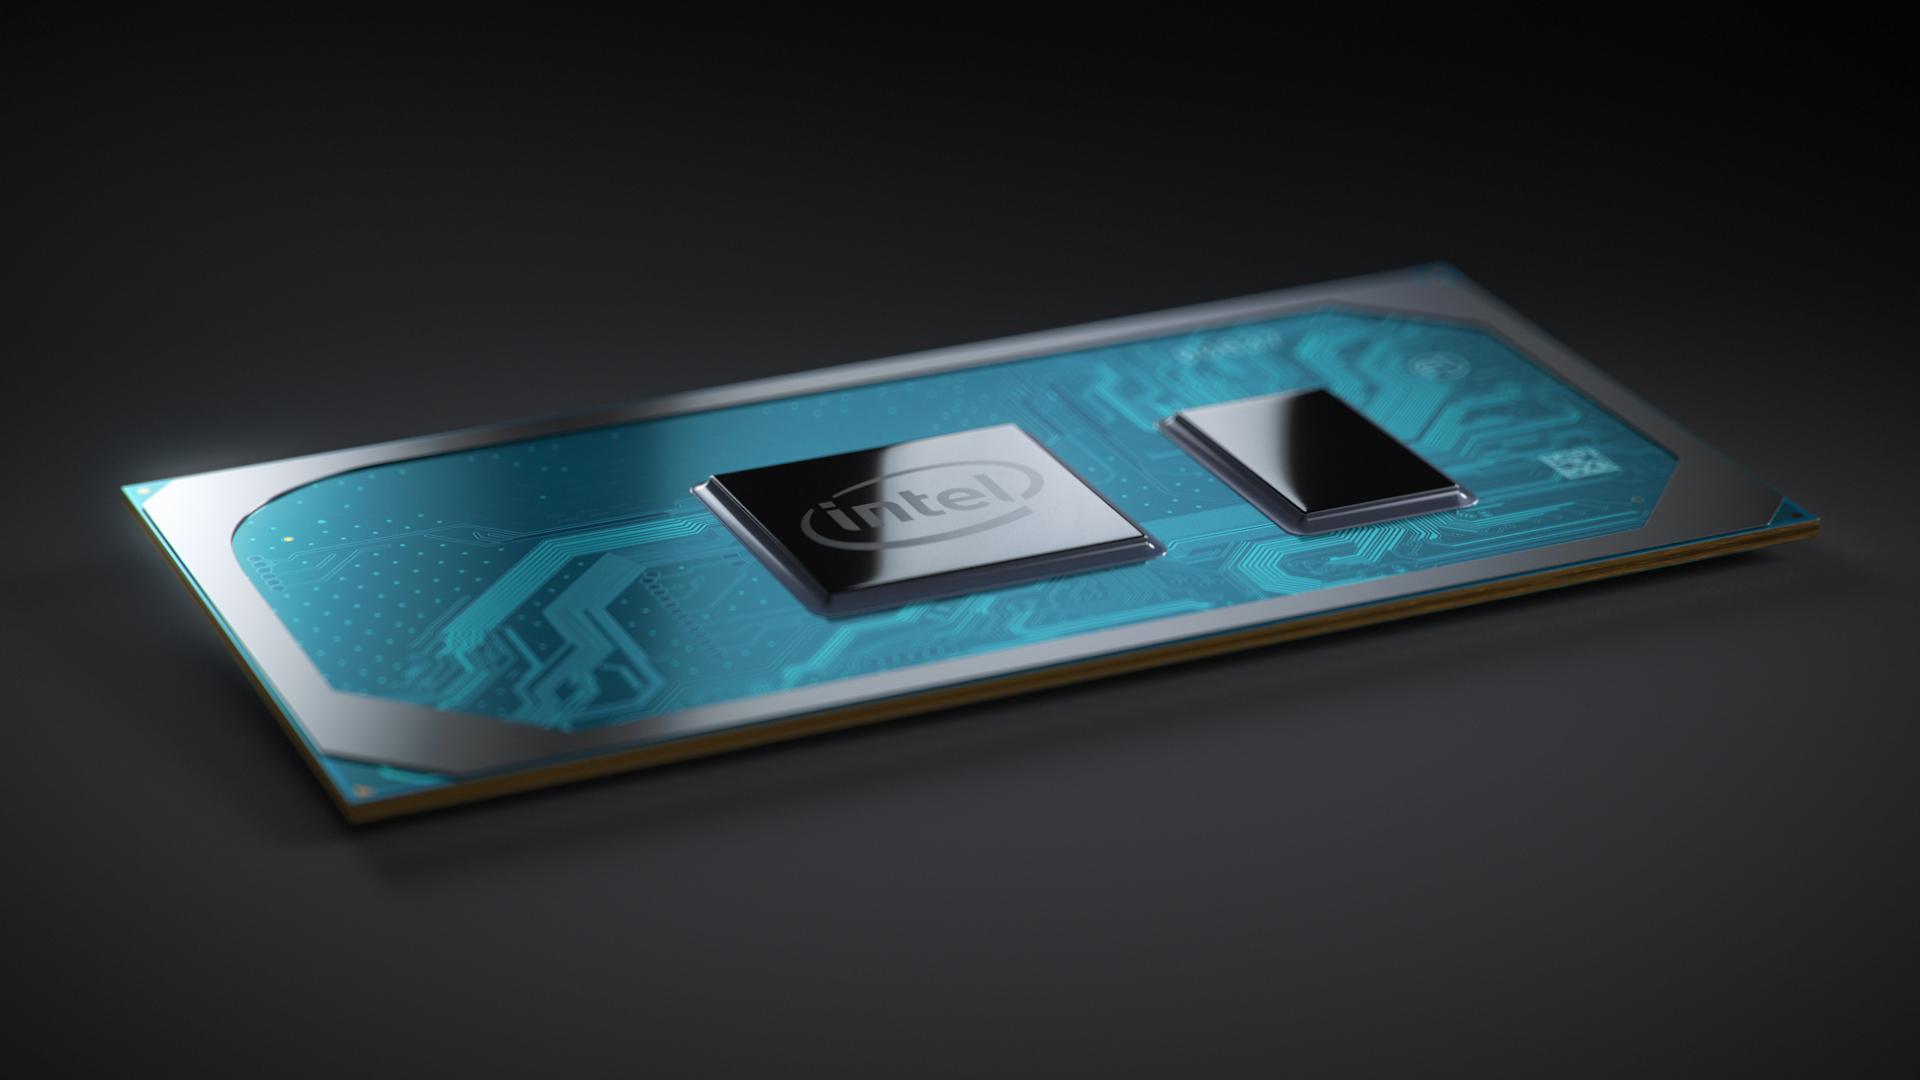 متحكمات ذاكرة معالجات سلسلة Core Alder Lake قد تحمل مبدأ التروس Gears